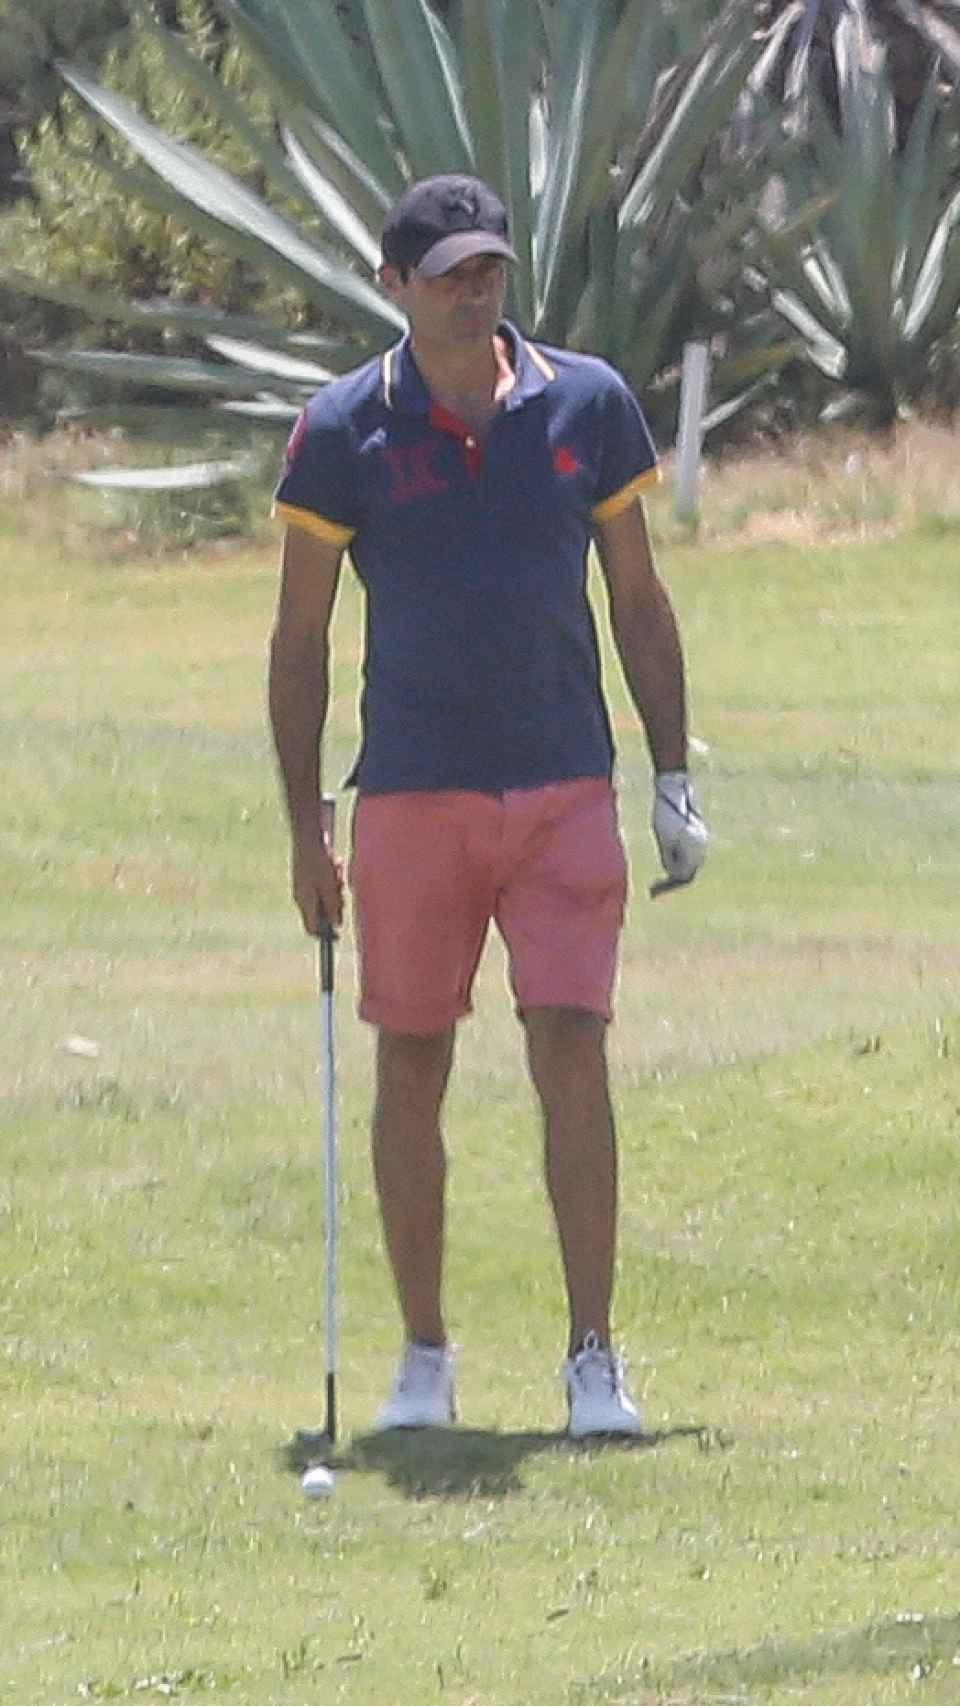 Enrique jugando al golf en Almería.